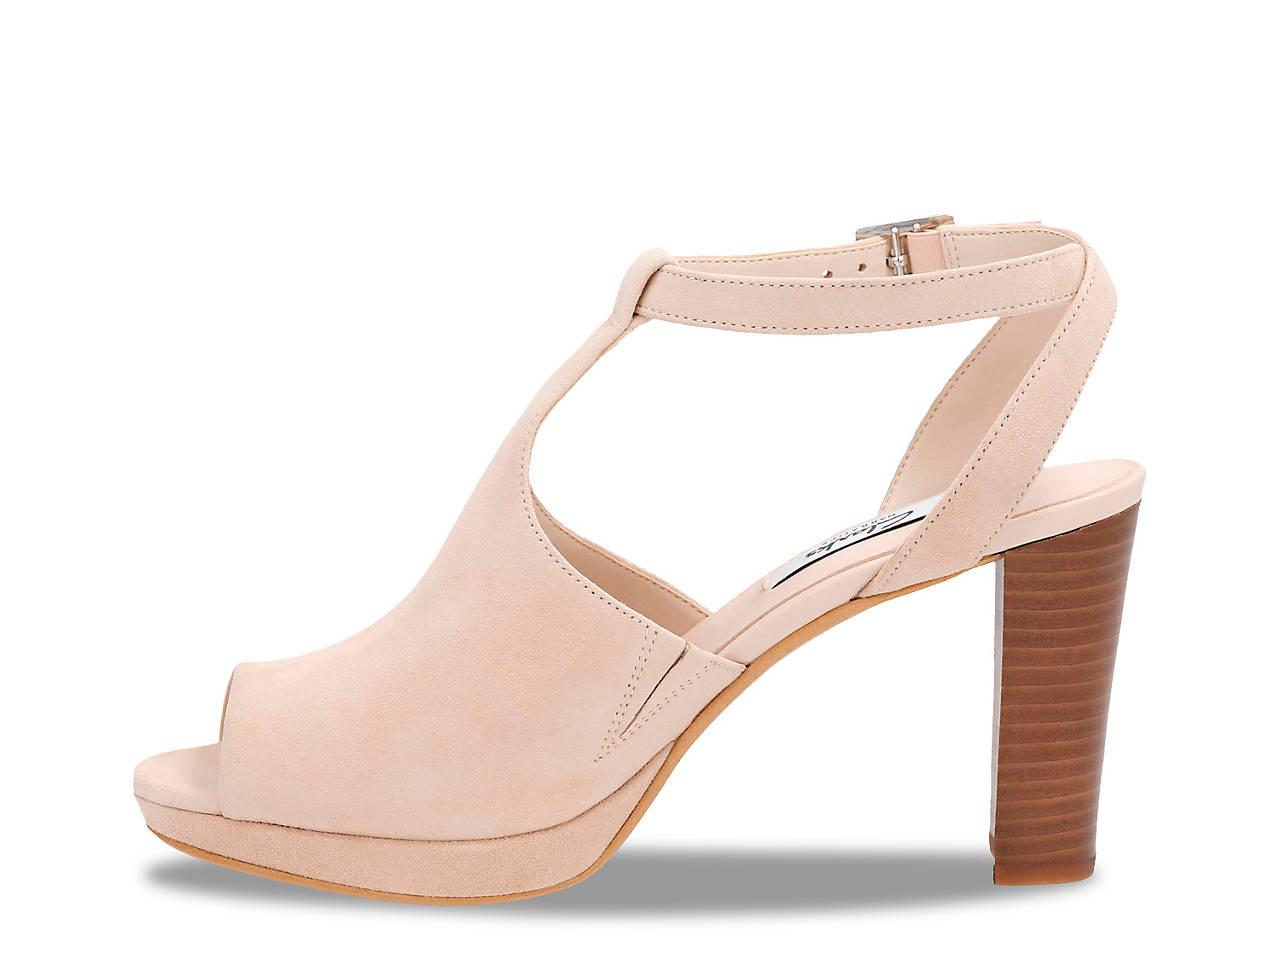 4e01b36f558 Clarks Kendra Charm Sandal Women s Shoes